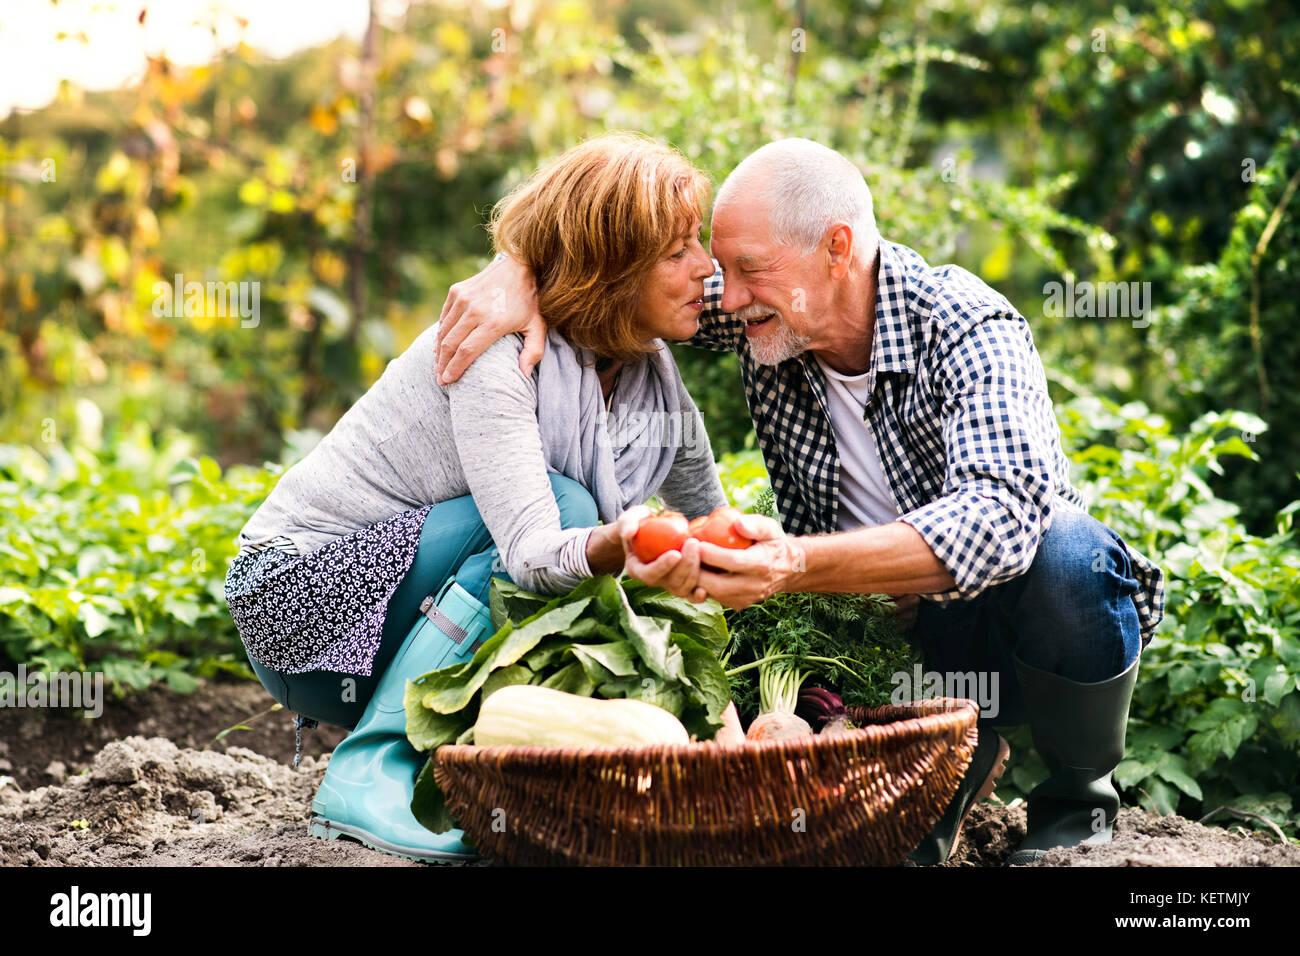 Pareja senior de jardinería en el patio jardín. Foto de stock